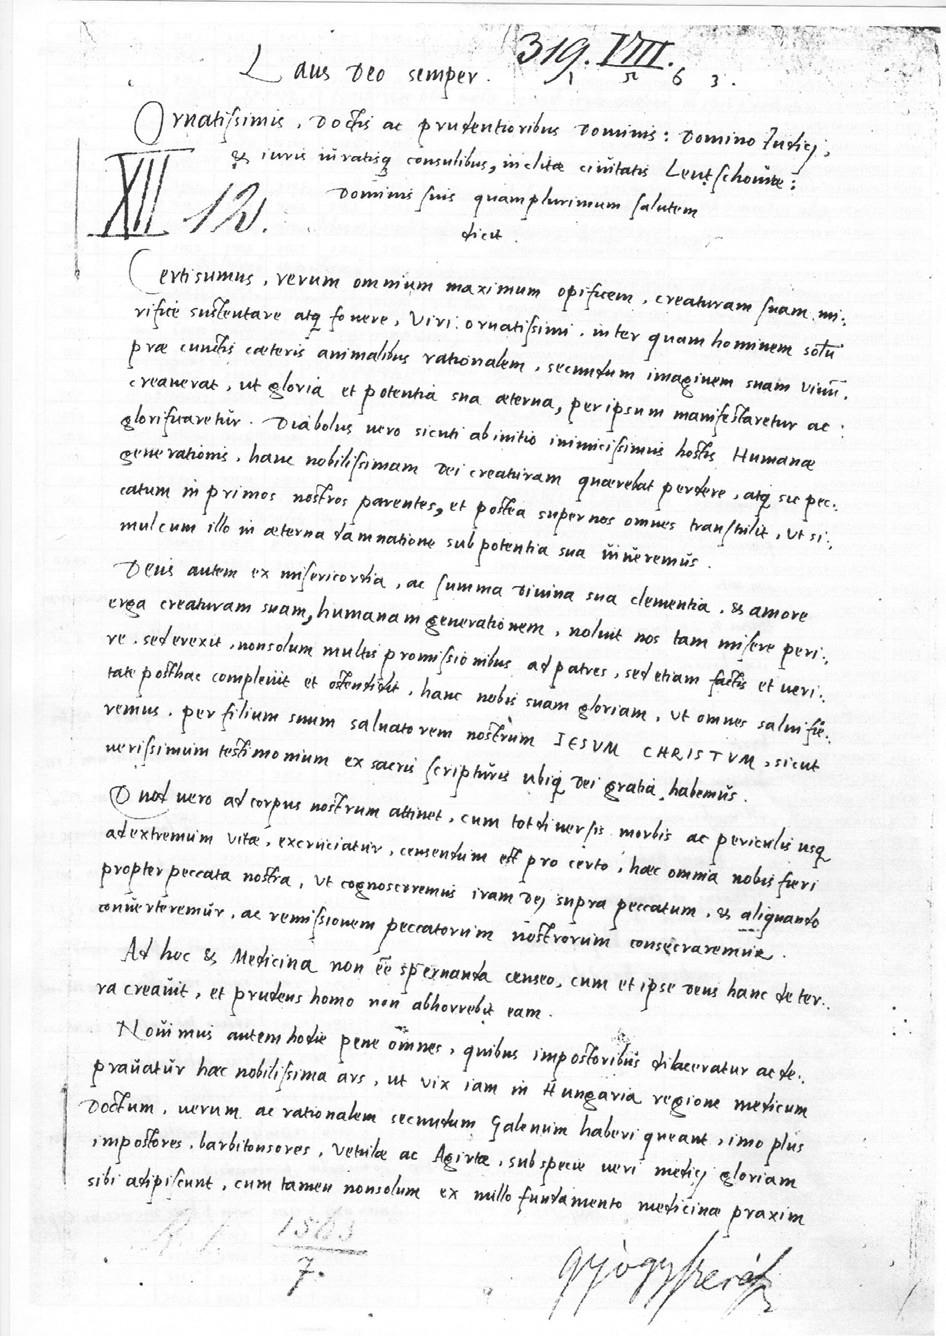 Archív mesta Levoče, žiadosť o miesto lekárnika Fridricha Klug-Sopha